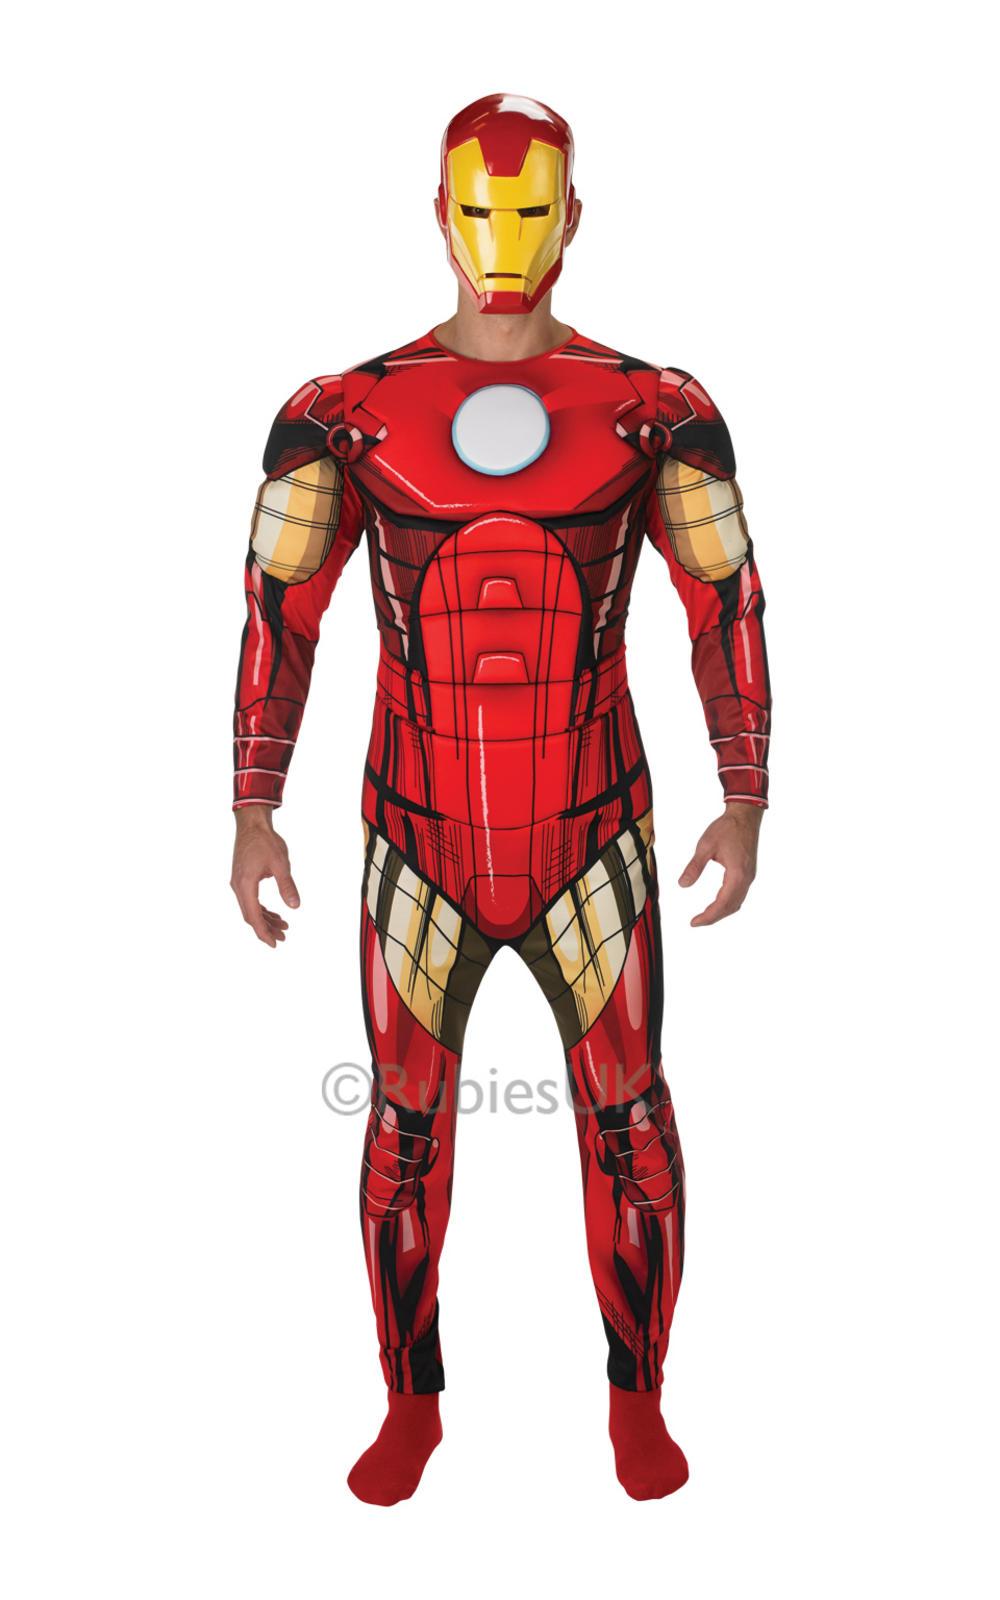 Deluxe Iron Man Fancy Dress